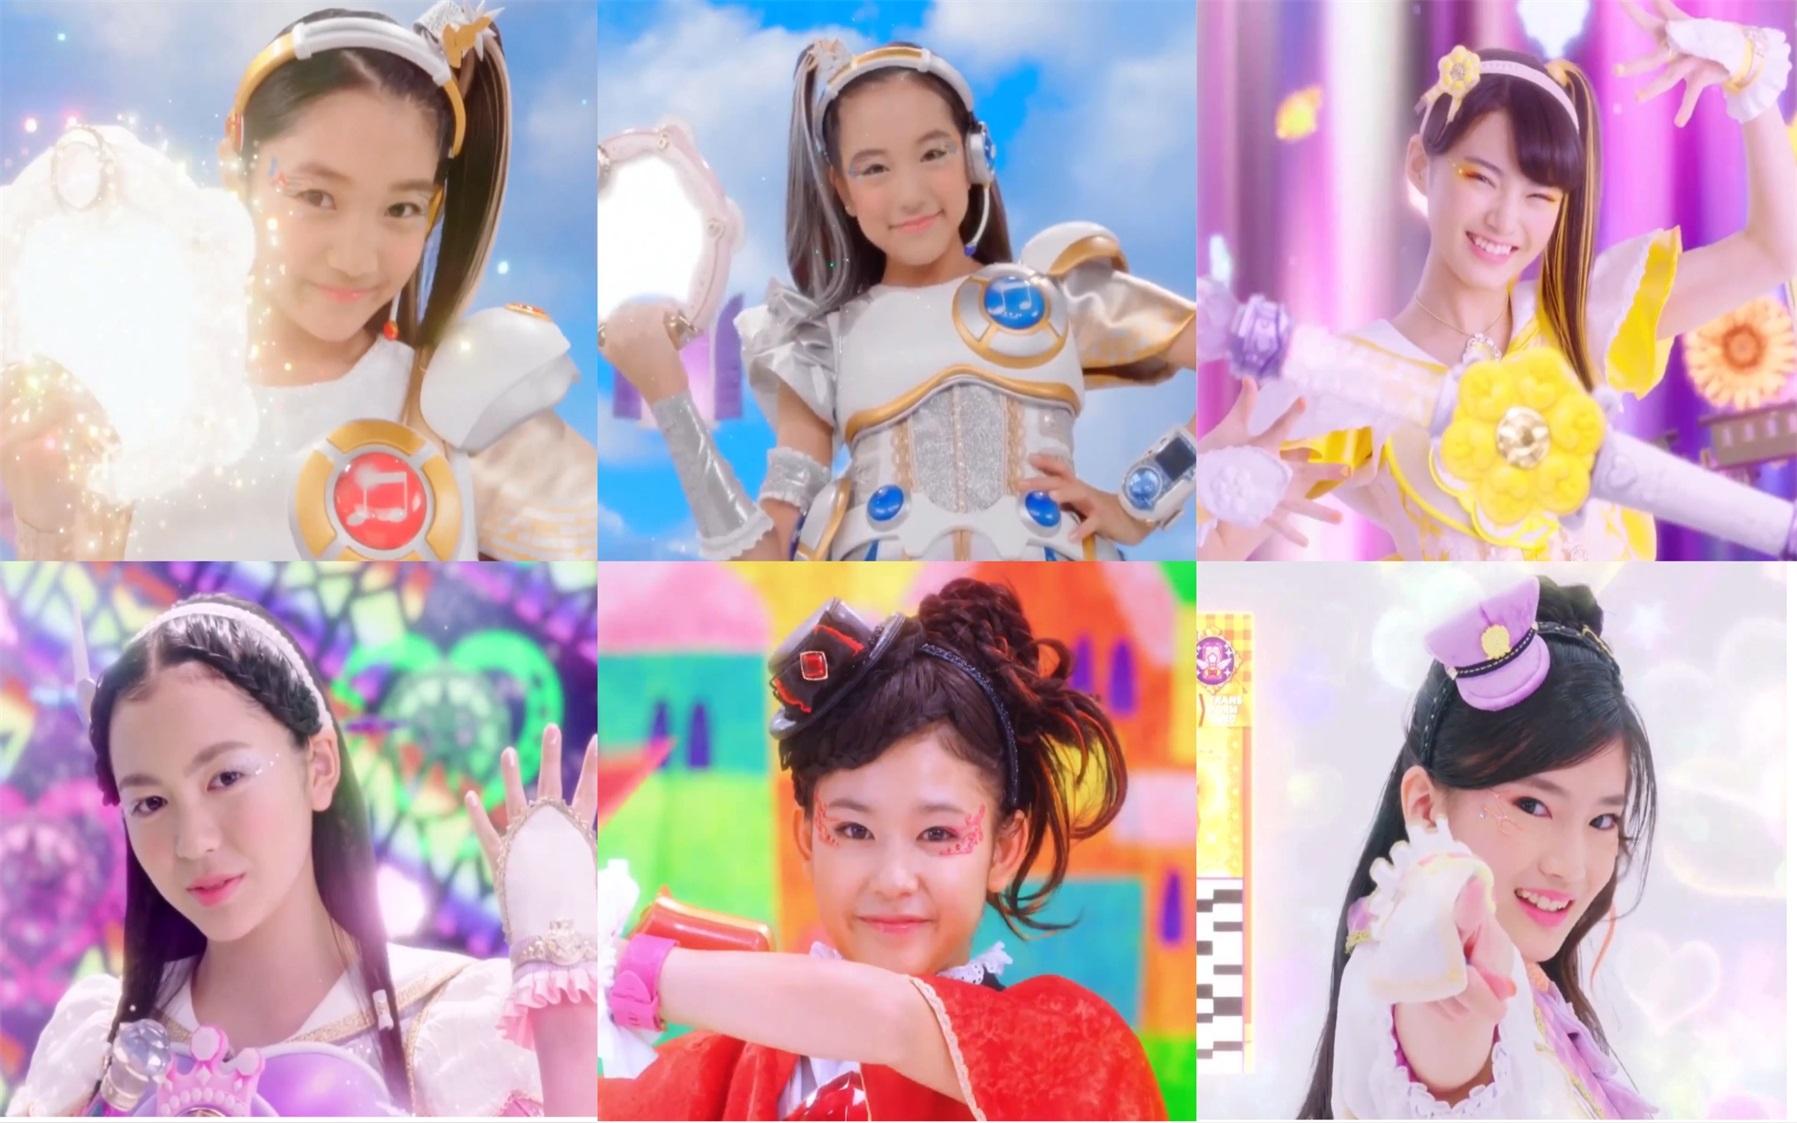 女孩战士系列*单色系&彩虹色系战士变身合集